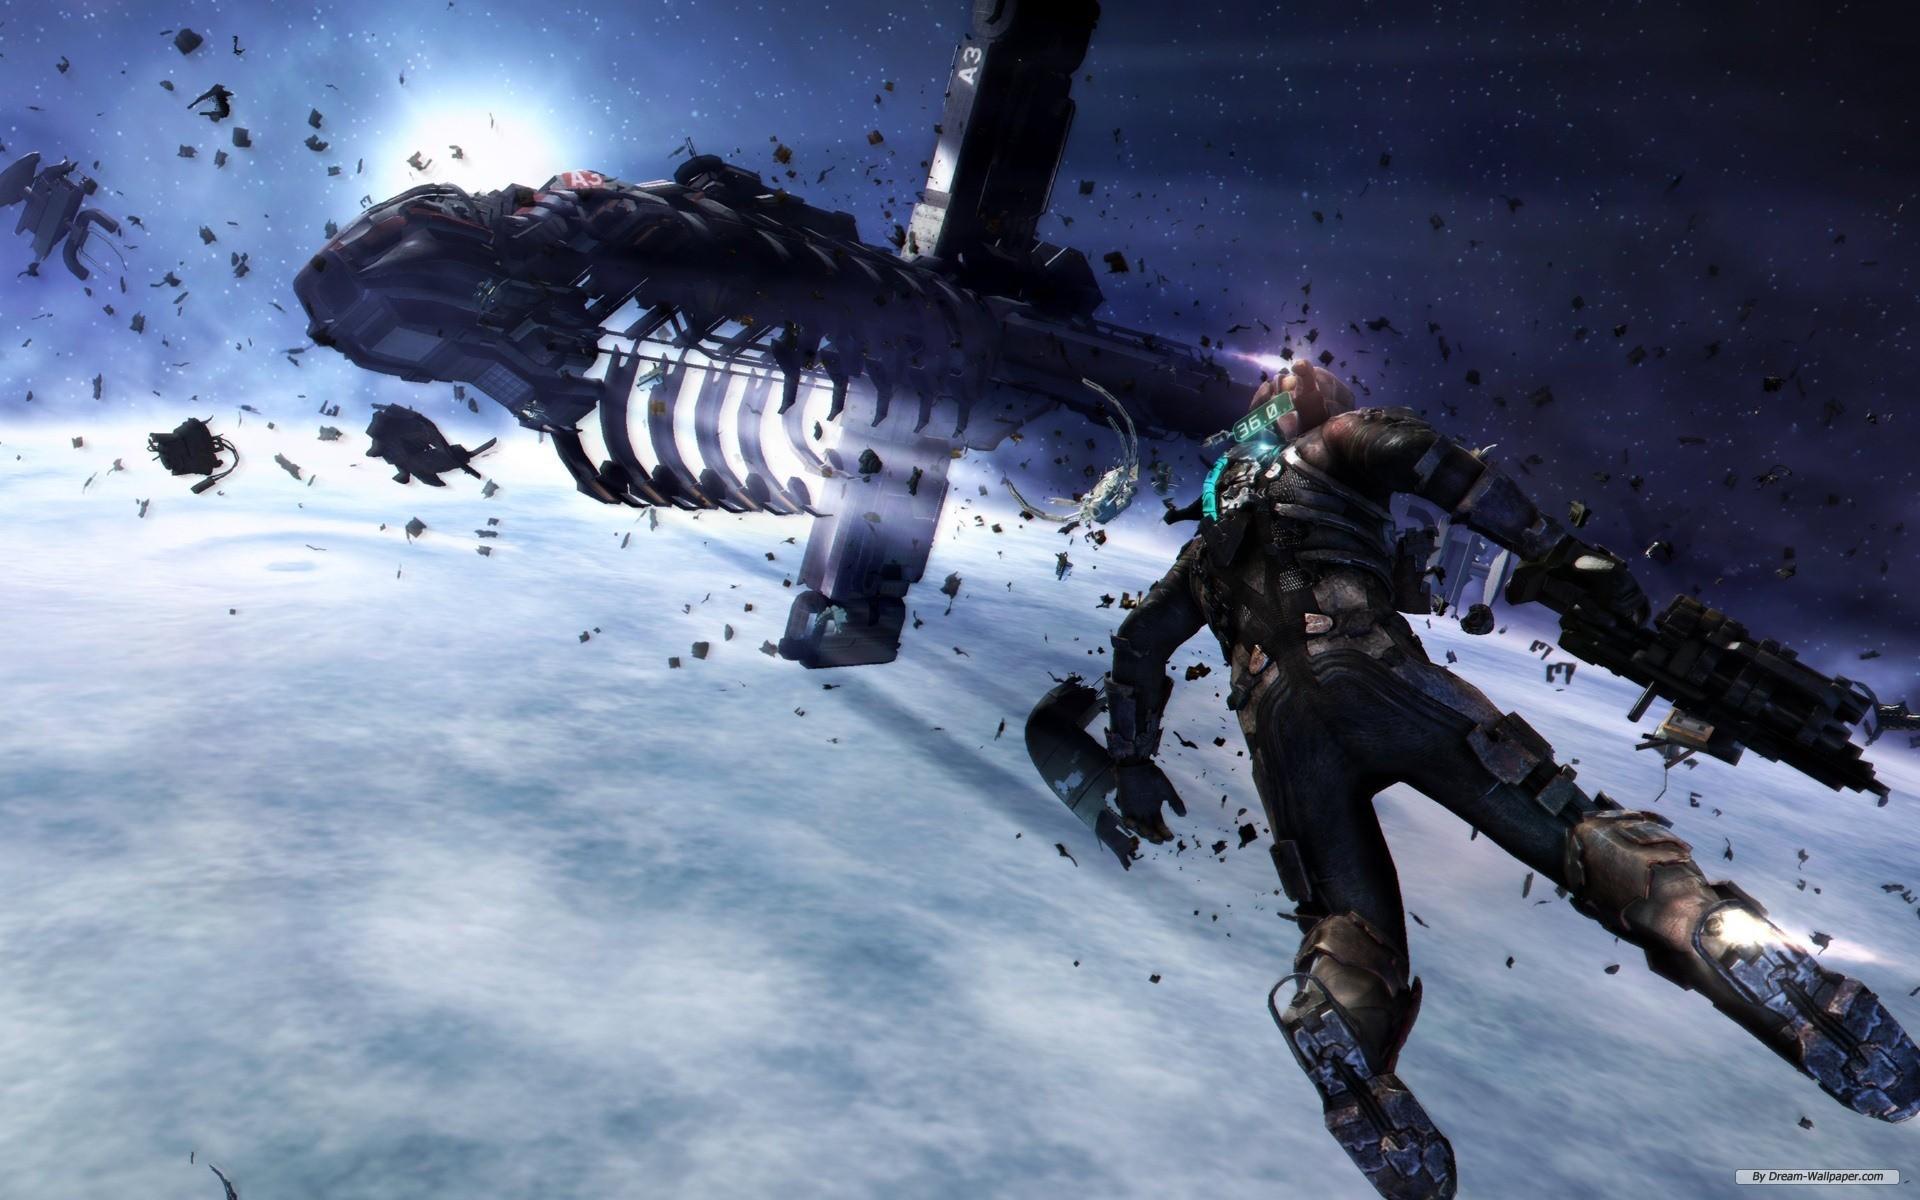 Dead Space 3 Wallpaper - Dead Space , HD Wallpaper & Backgrounds